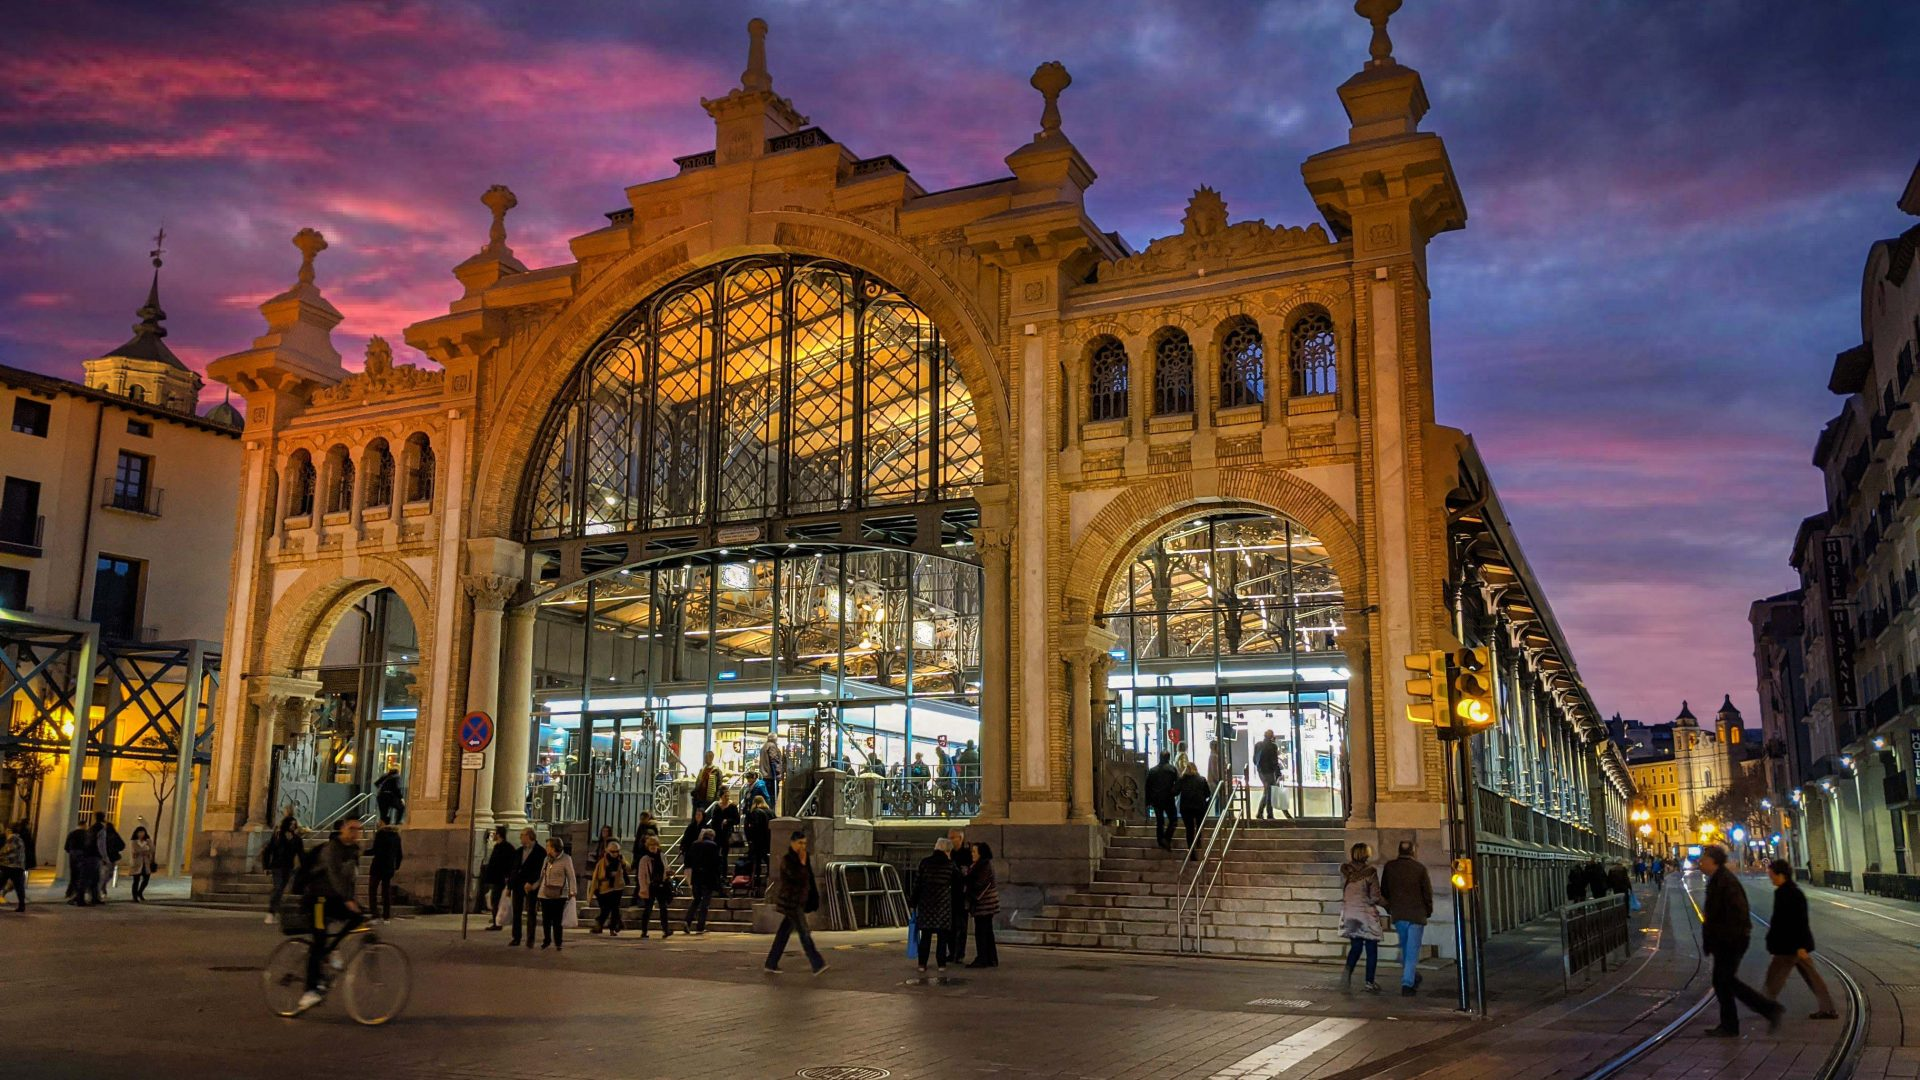 Mercado central de Zaragoza - Adrian Sediles Embi